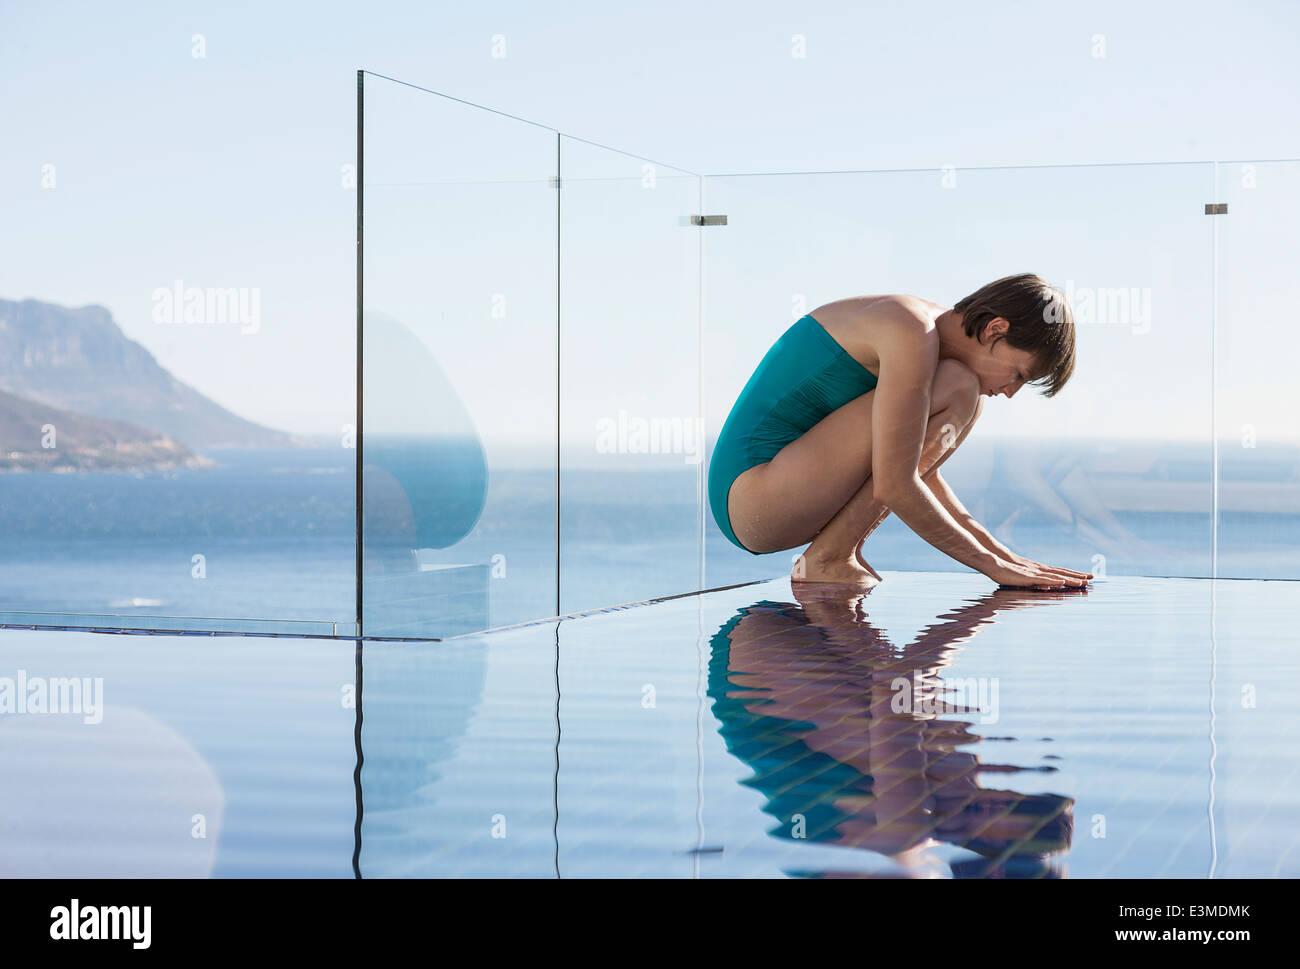 Femme accroupie au-dessus d'une piscine à débordement avec vue sur l'océan Photo Stock